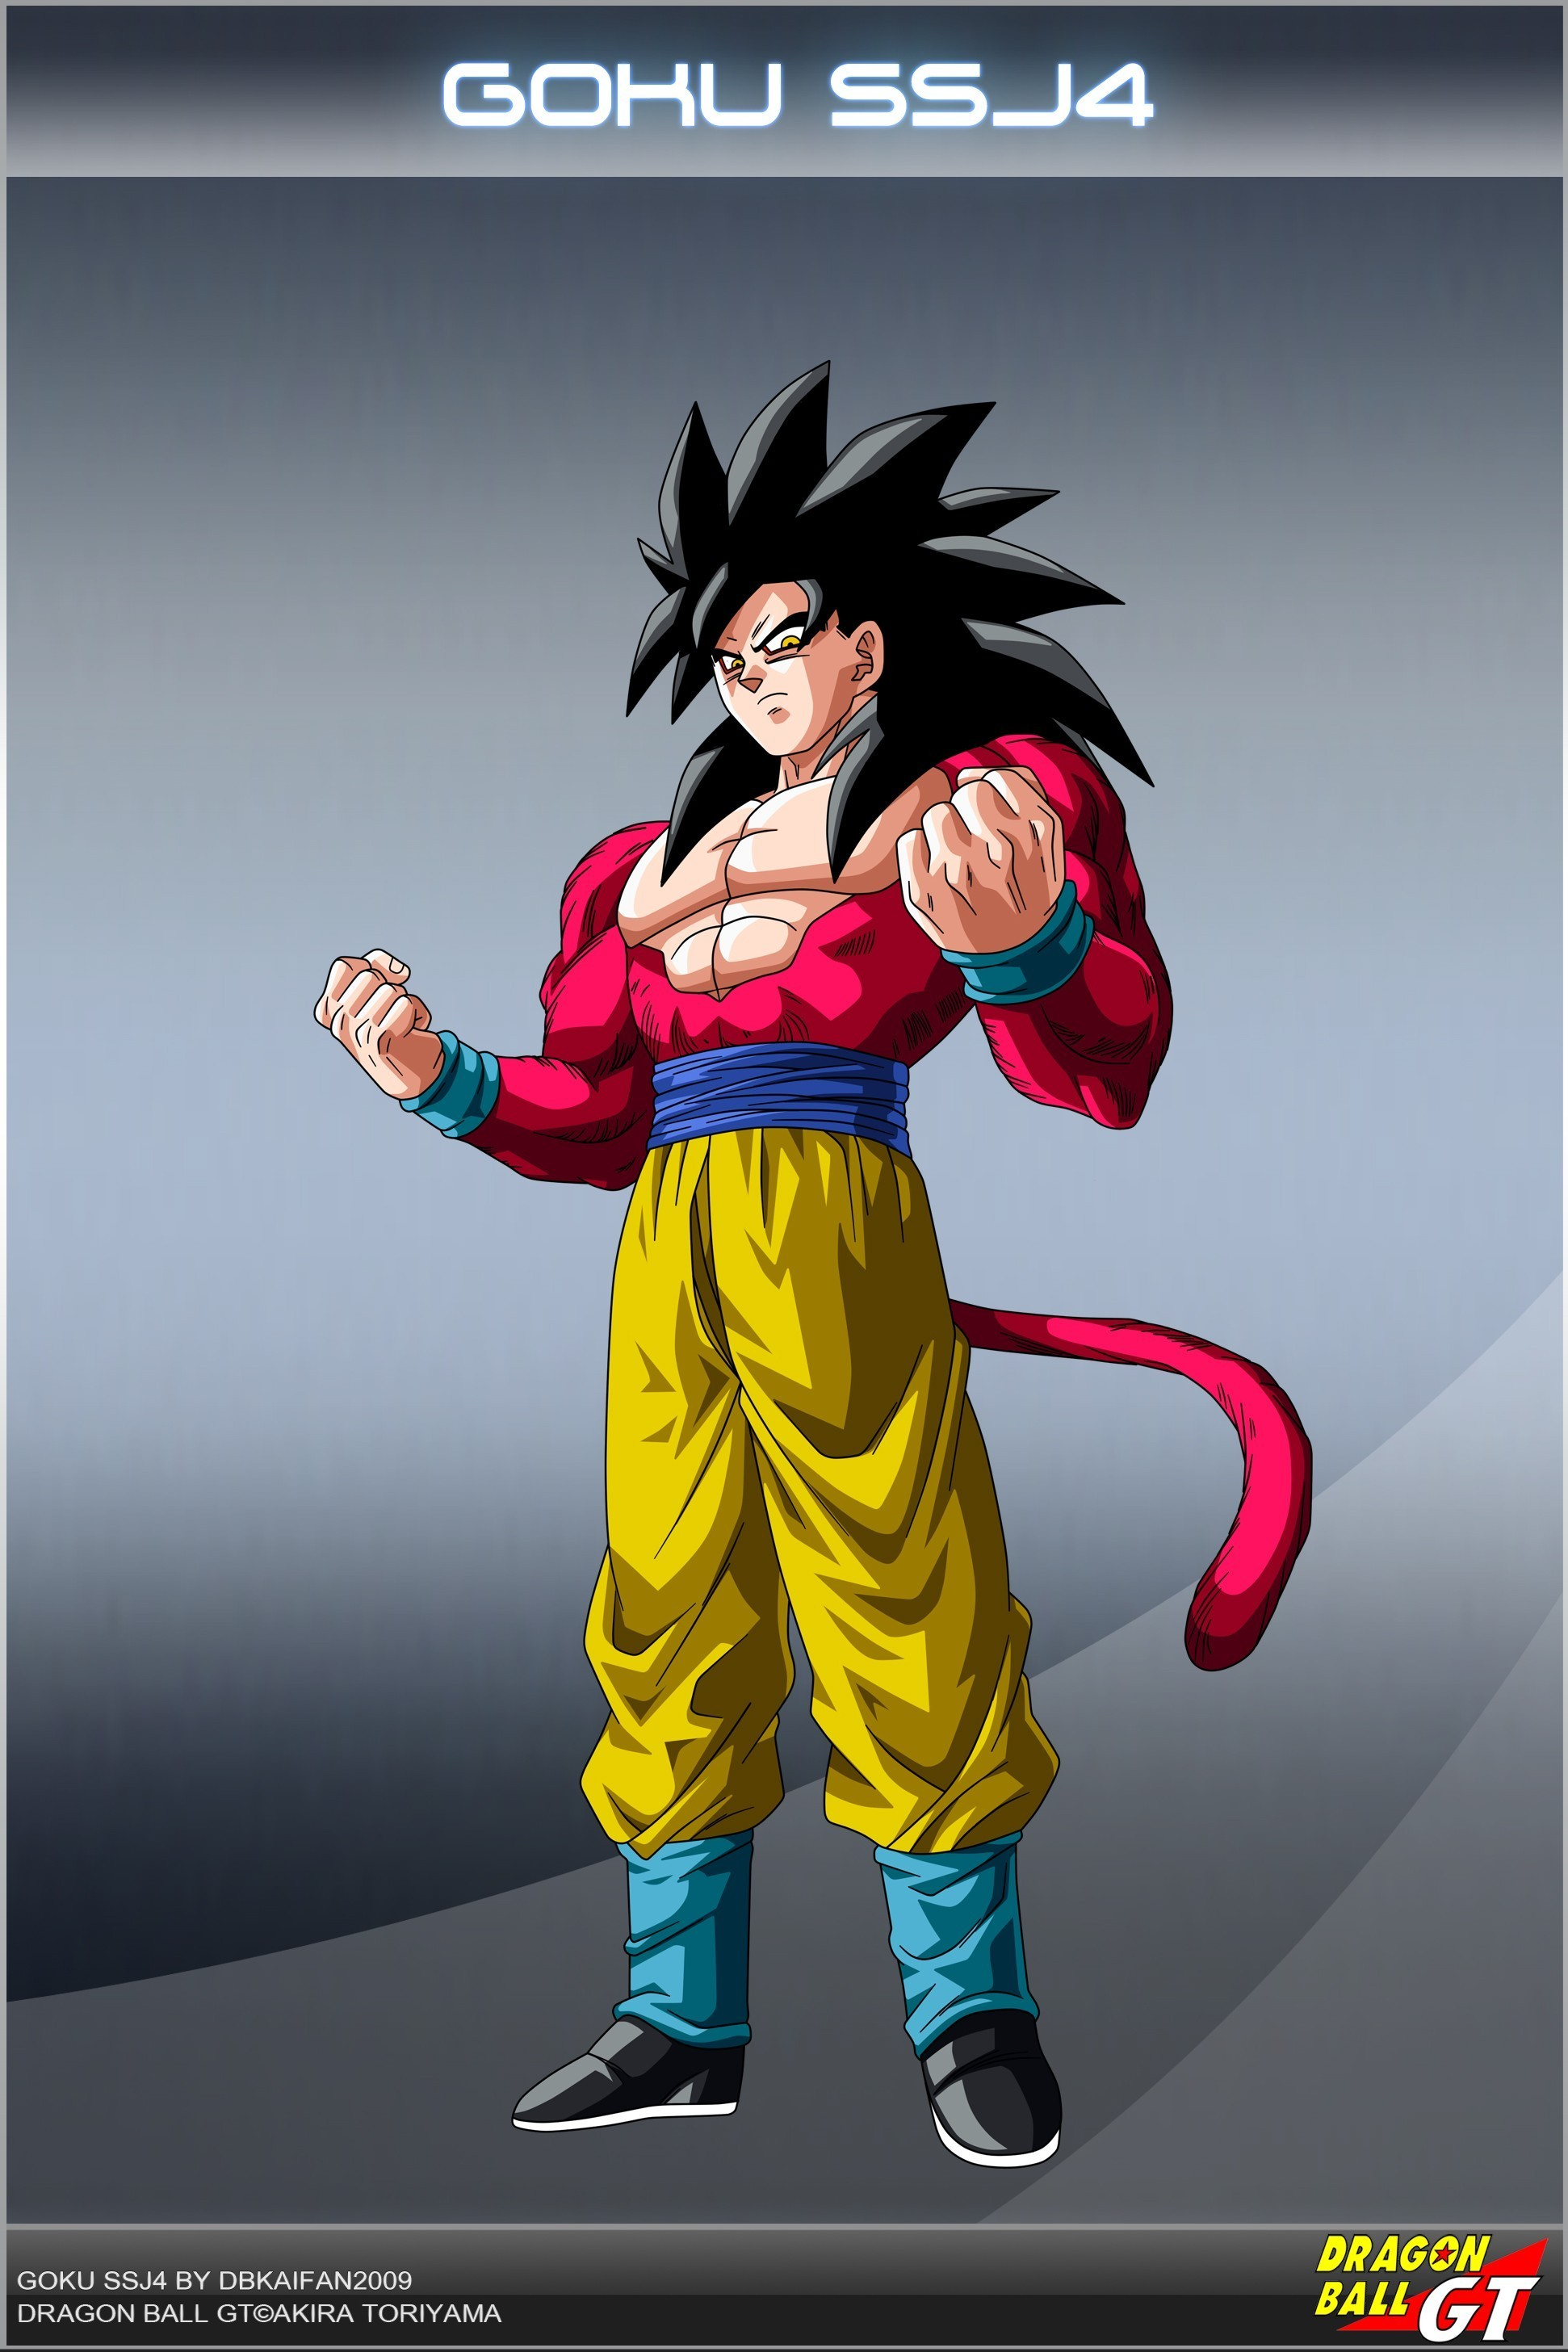 Dragon Ball Goku Super Saiyan Anime